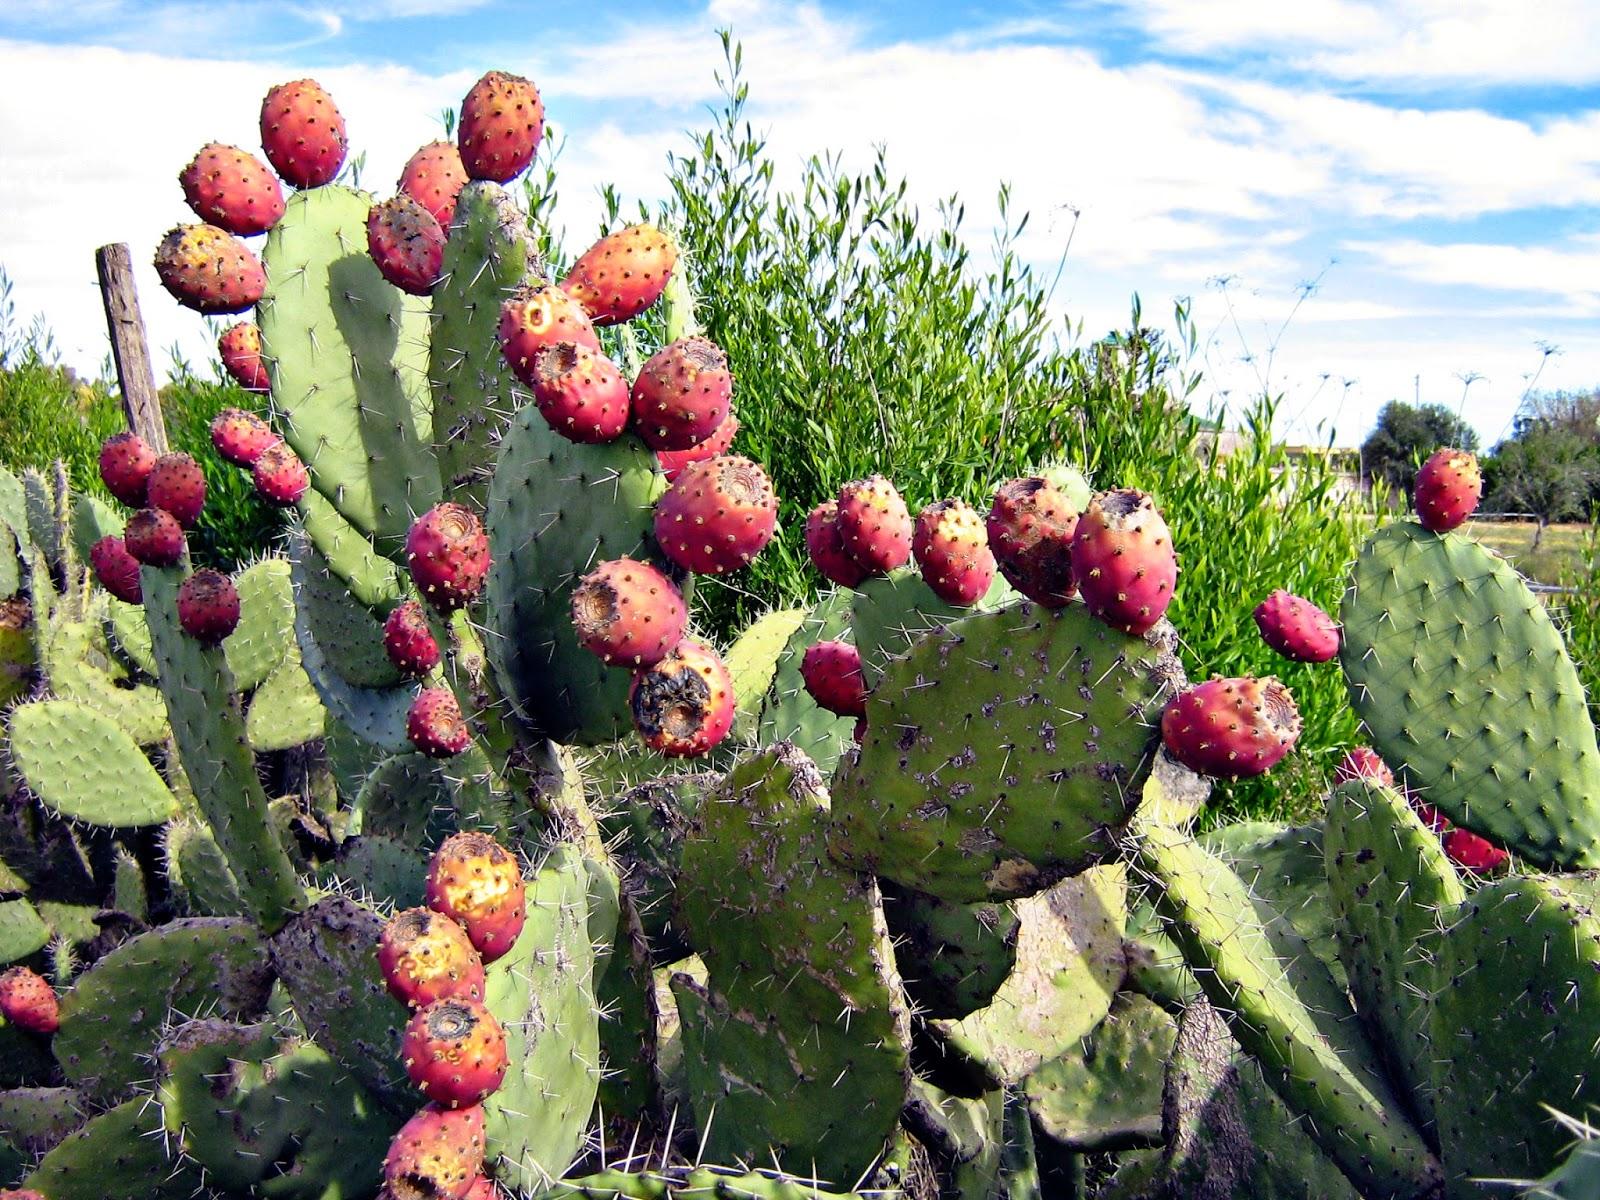 Con espinas Cactus medicinales